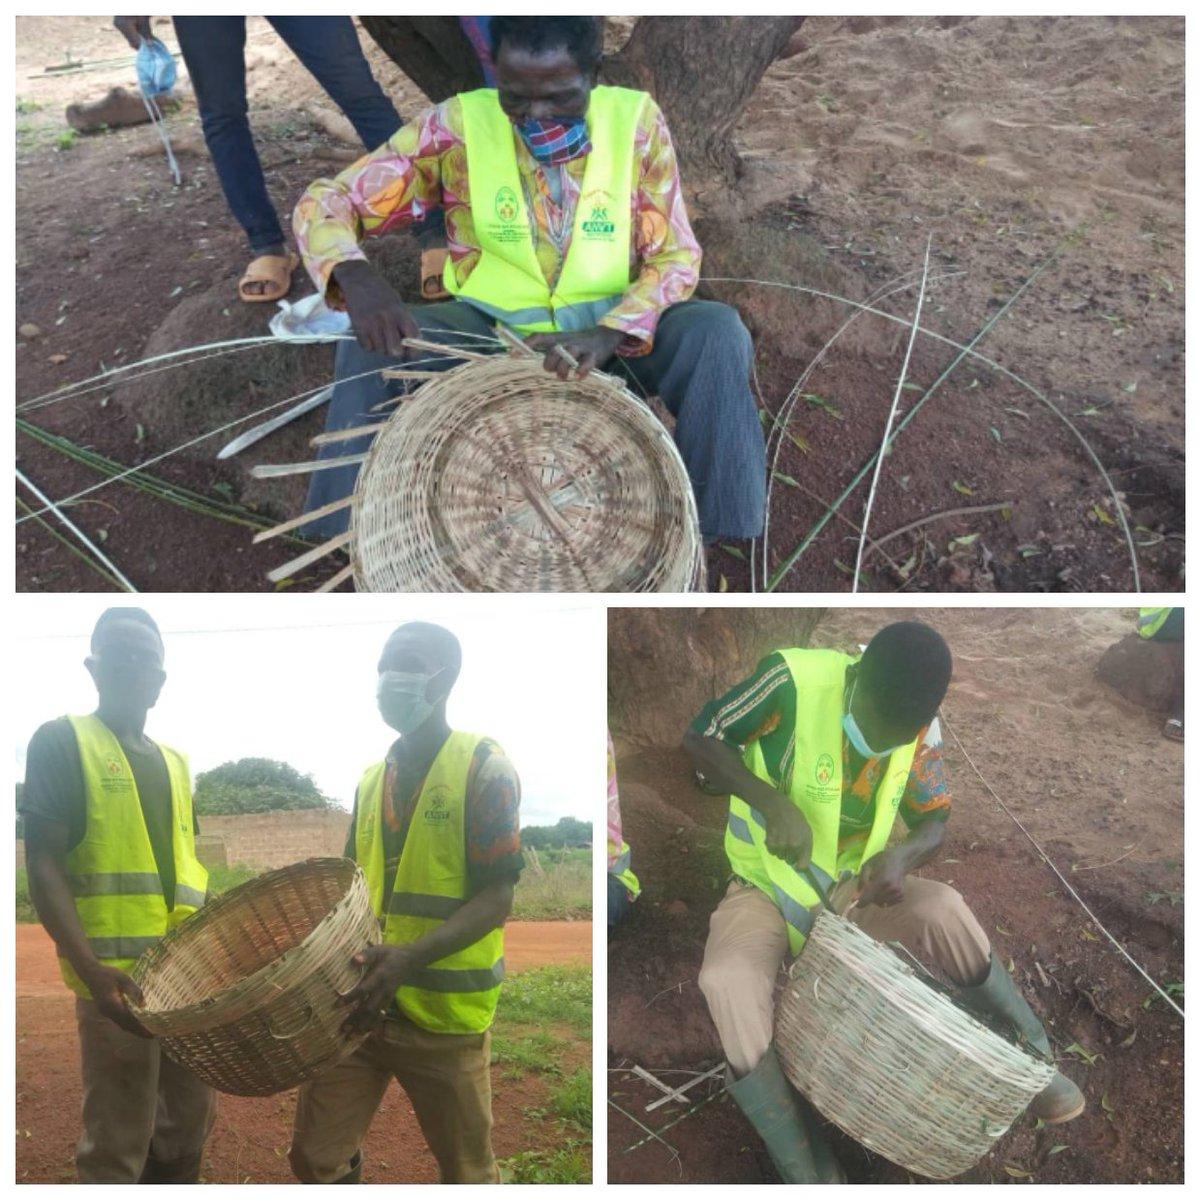 Les VEC de Mô 1 (Djarkpanga) ont appris à tisser les paniers, ce 21 juillet, afin de planifier leur insertion socioprofessionnelle.  #VEC #JeMengage #CRVCentrale #ANVT https://t.co/VKO8DhLEkR